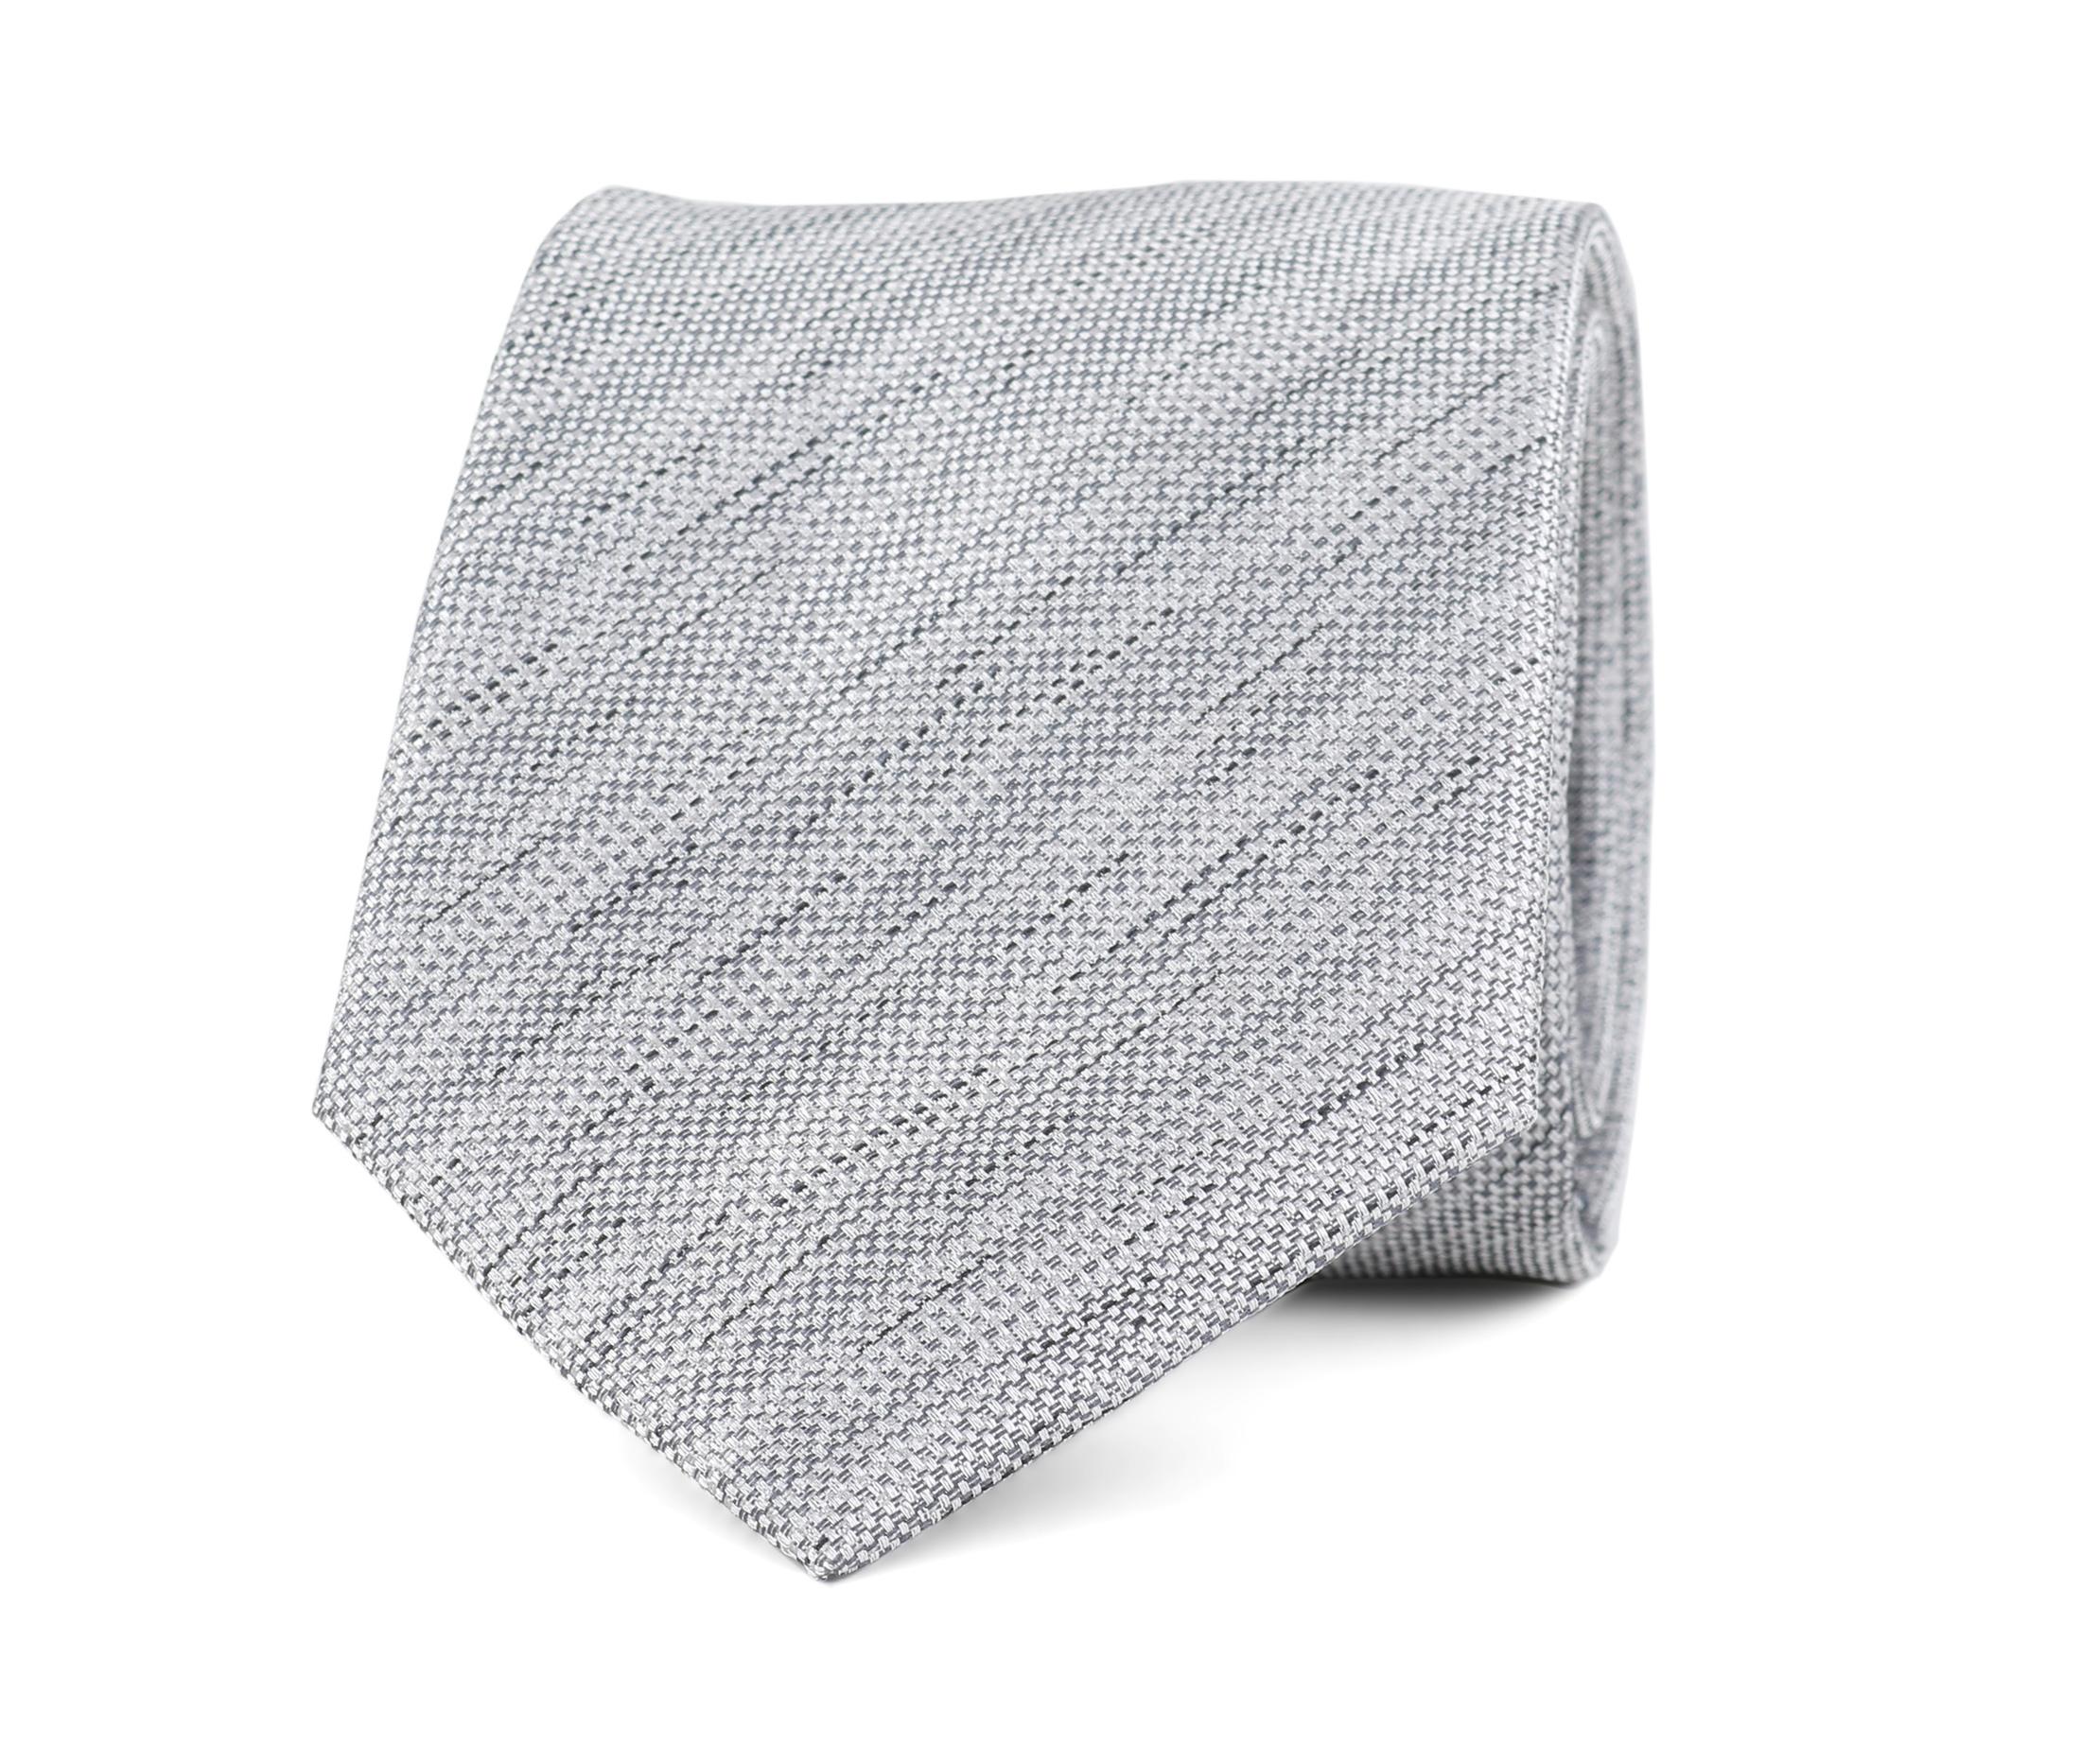 Krawatte Seide Grau 9-17 foto 0